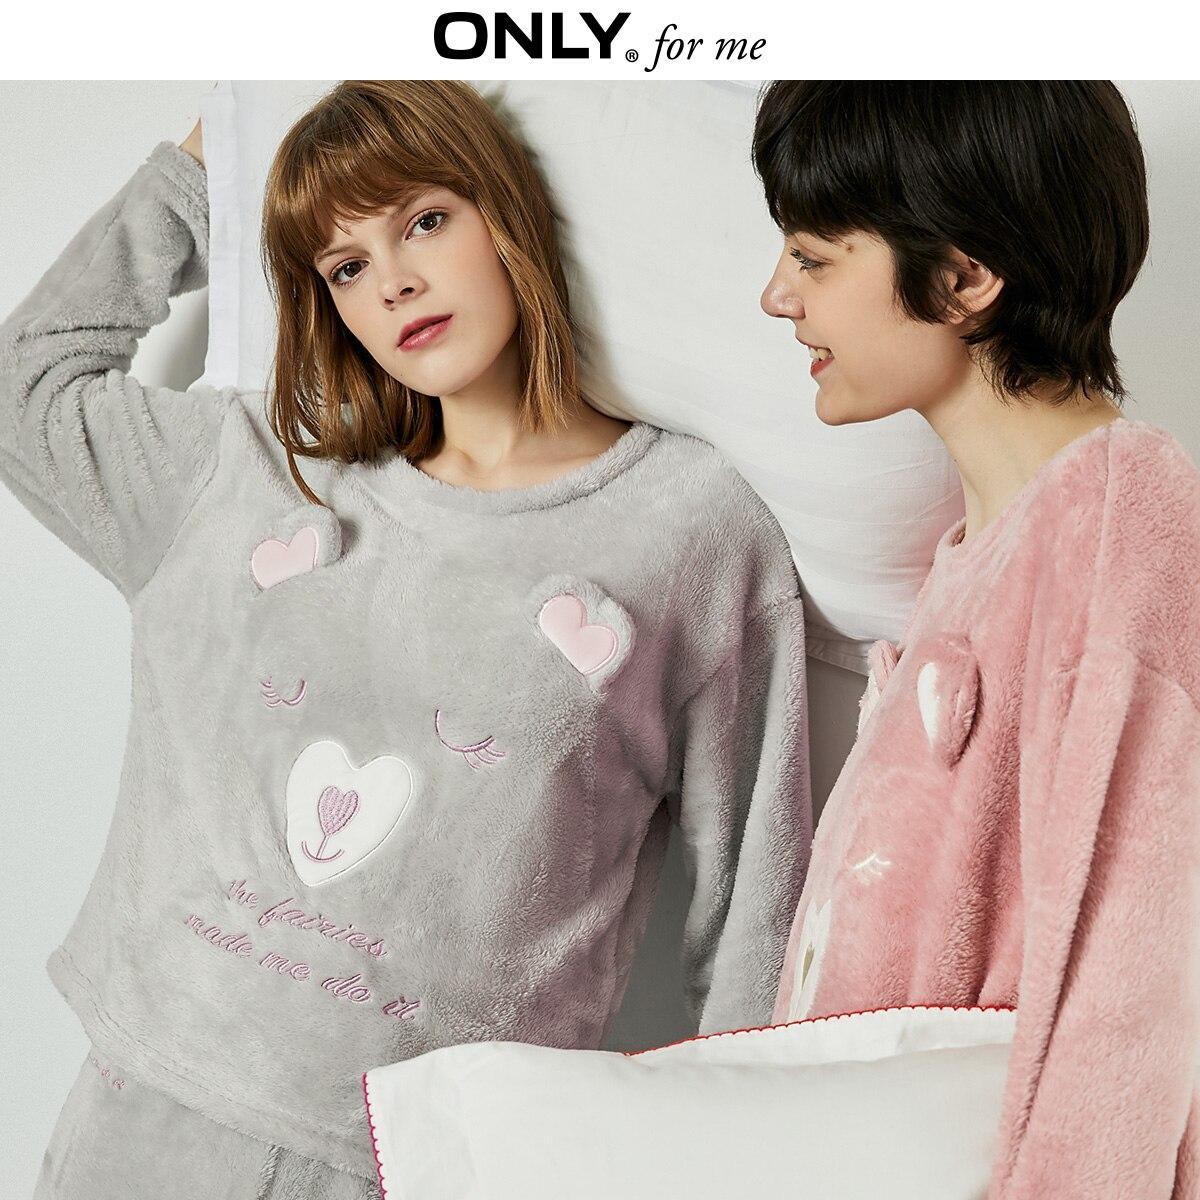 Кофта толстовка женская теплая для дома. Лонгслив, пуловер домашний флисовый Мишка, размер  M (серый)